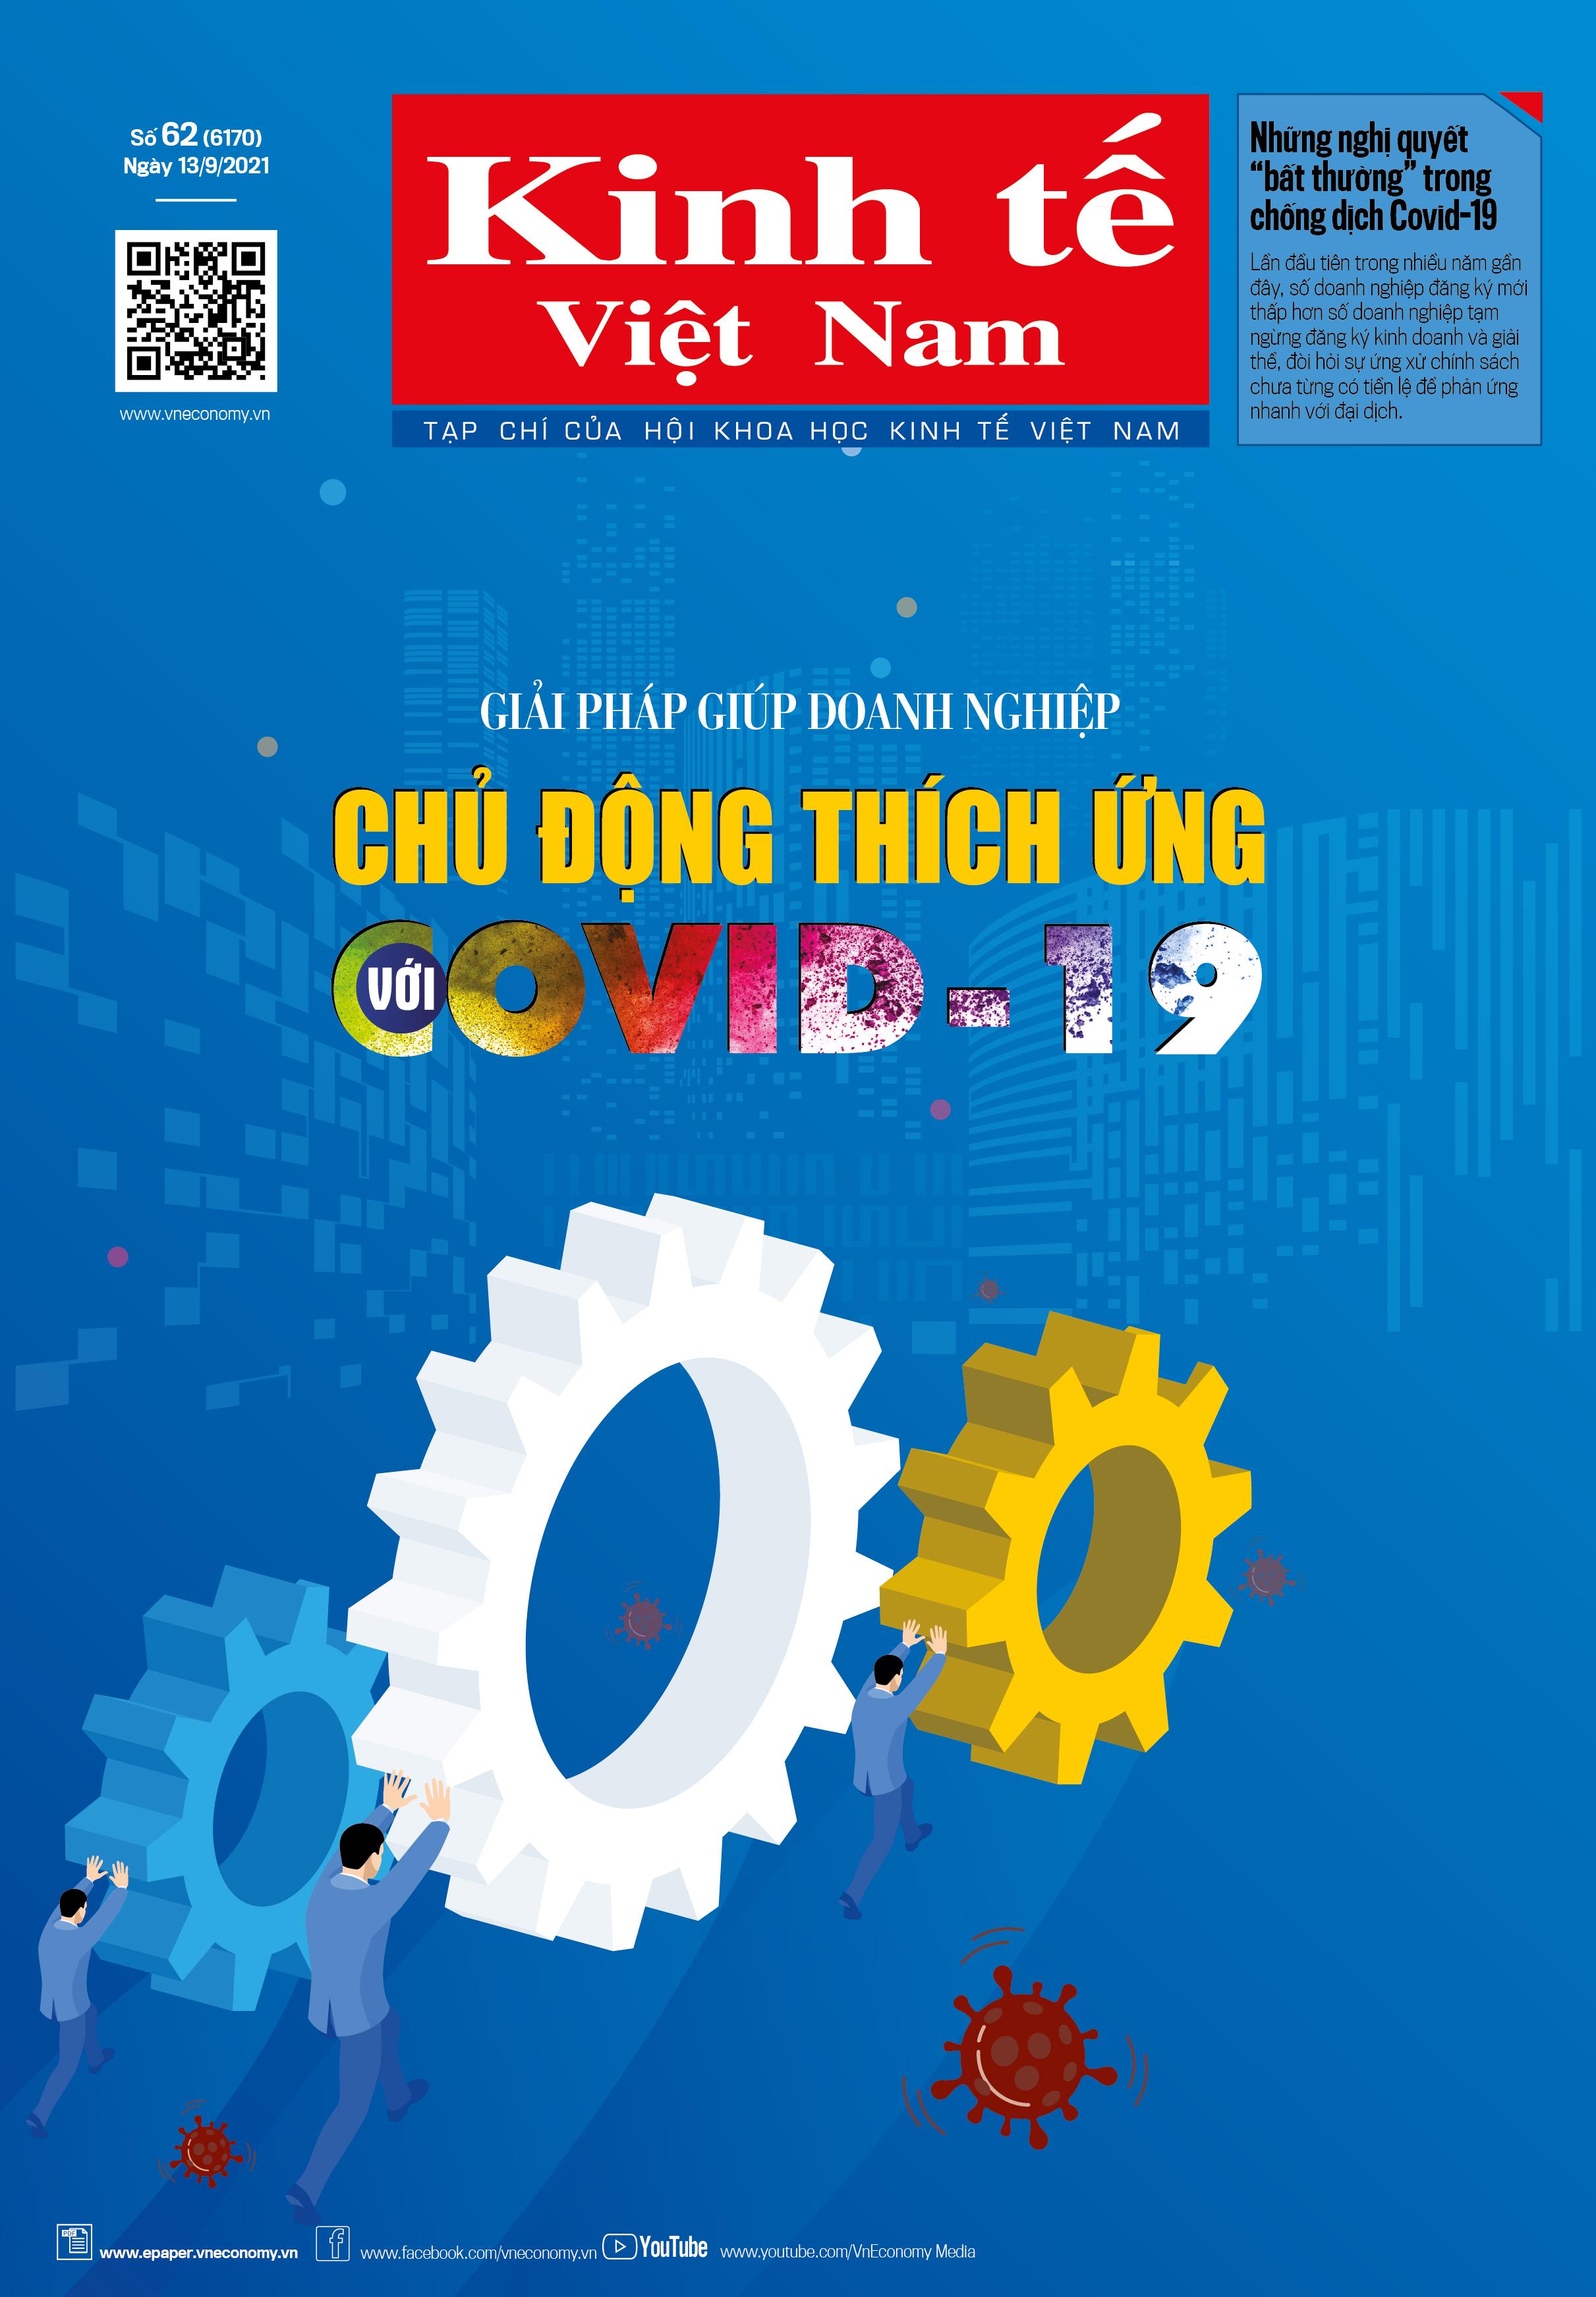 Kinh tế Việt Nam bộ mới số 62-2021